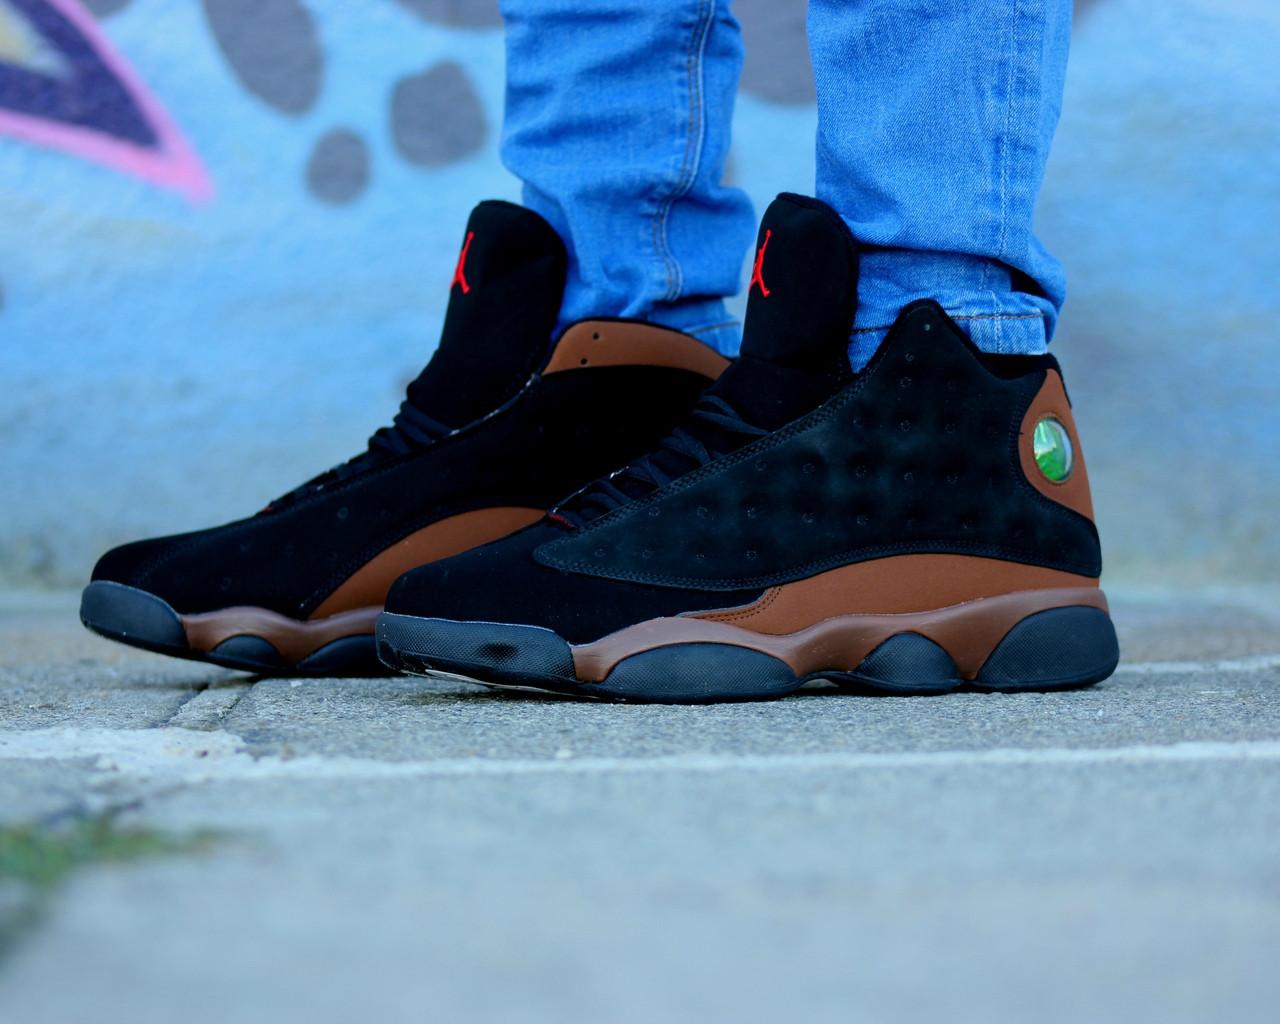 Мужские кроссовки Nike Air Jordan 13 Retro черно-коричневые топ реплика -  Интернет-магазин ca8b69e2692